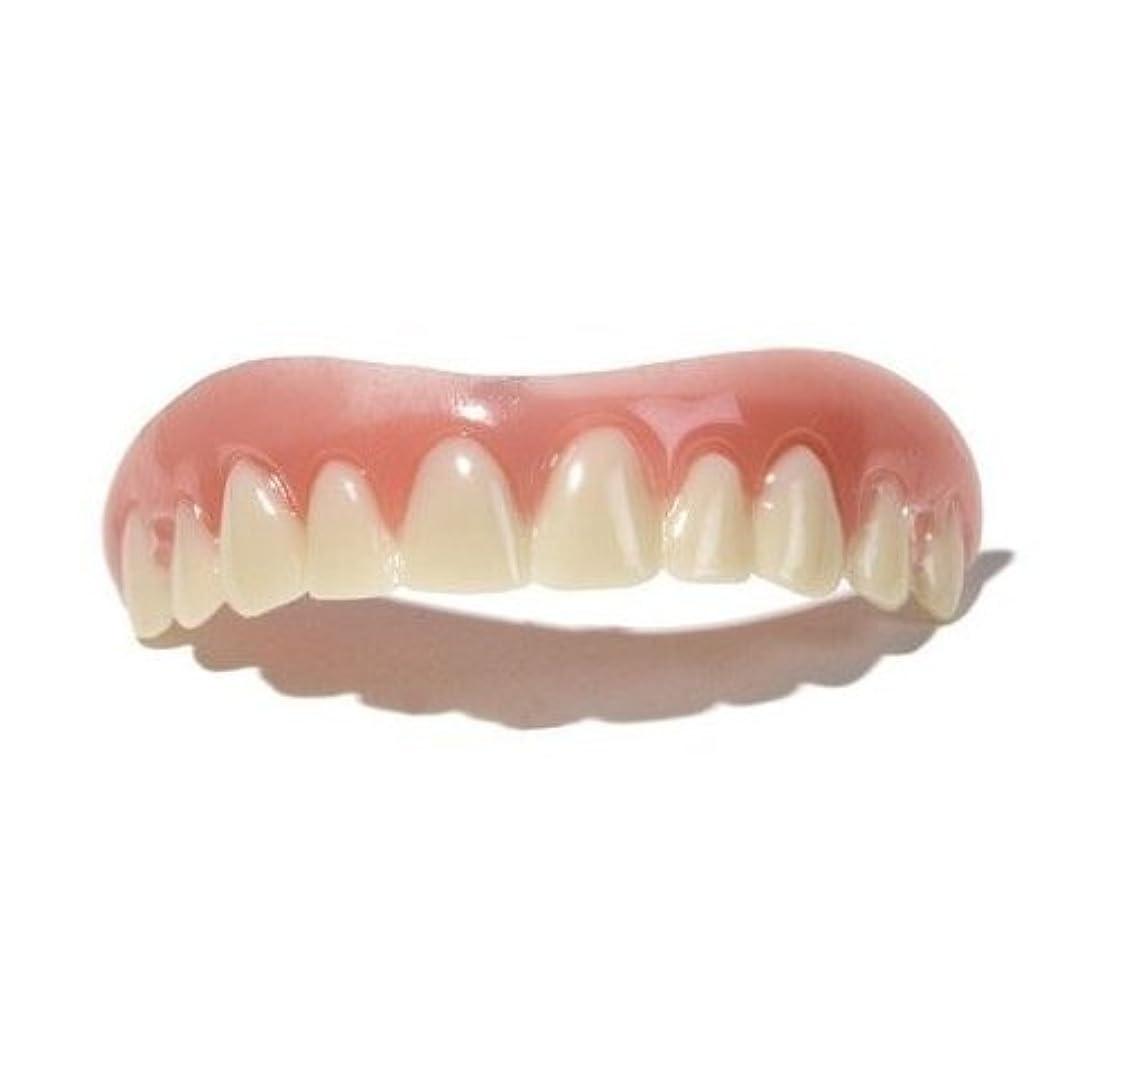 見捨てる怠ブレーキインスタント 美容 つけ歯 上歯(free size (Medium)) [並行輸入品]